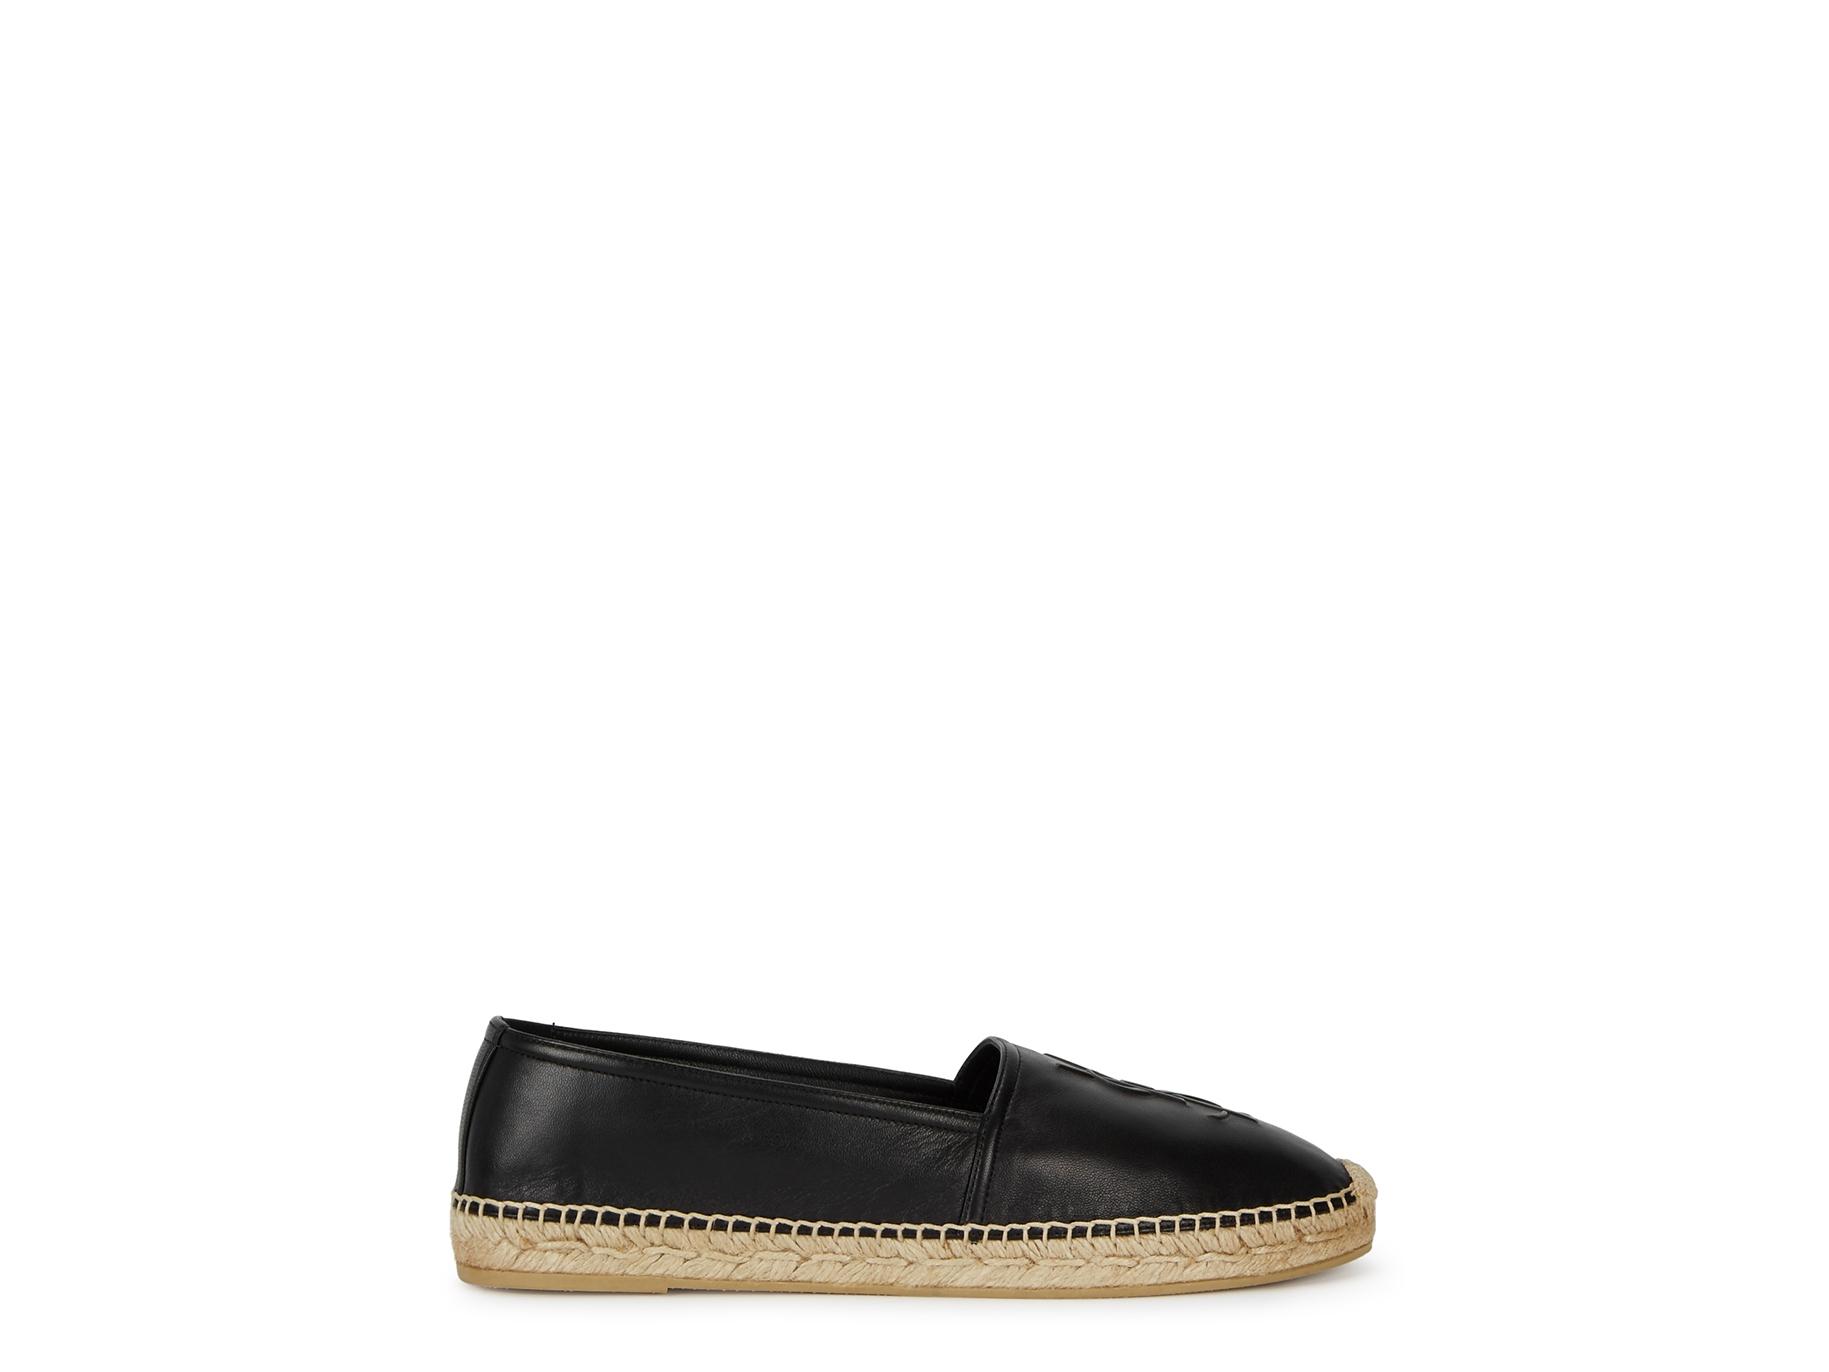 8c737d68ad79 Saint Laurent Black logo leather espadrilles - Harvey Nichols